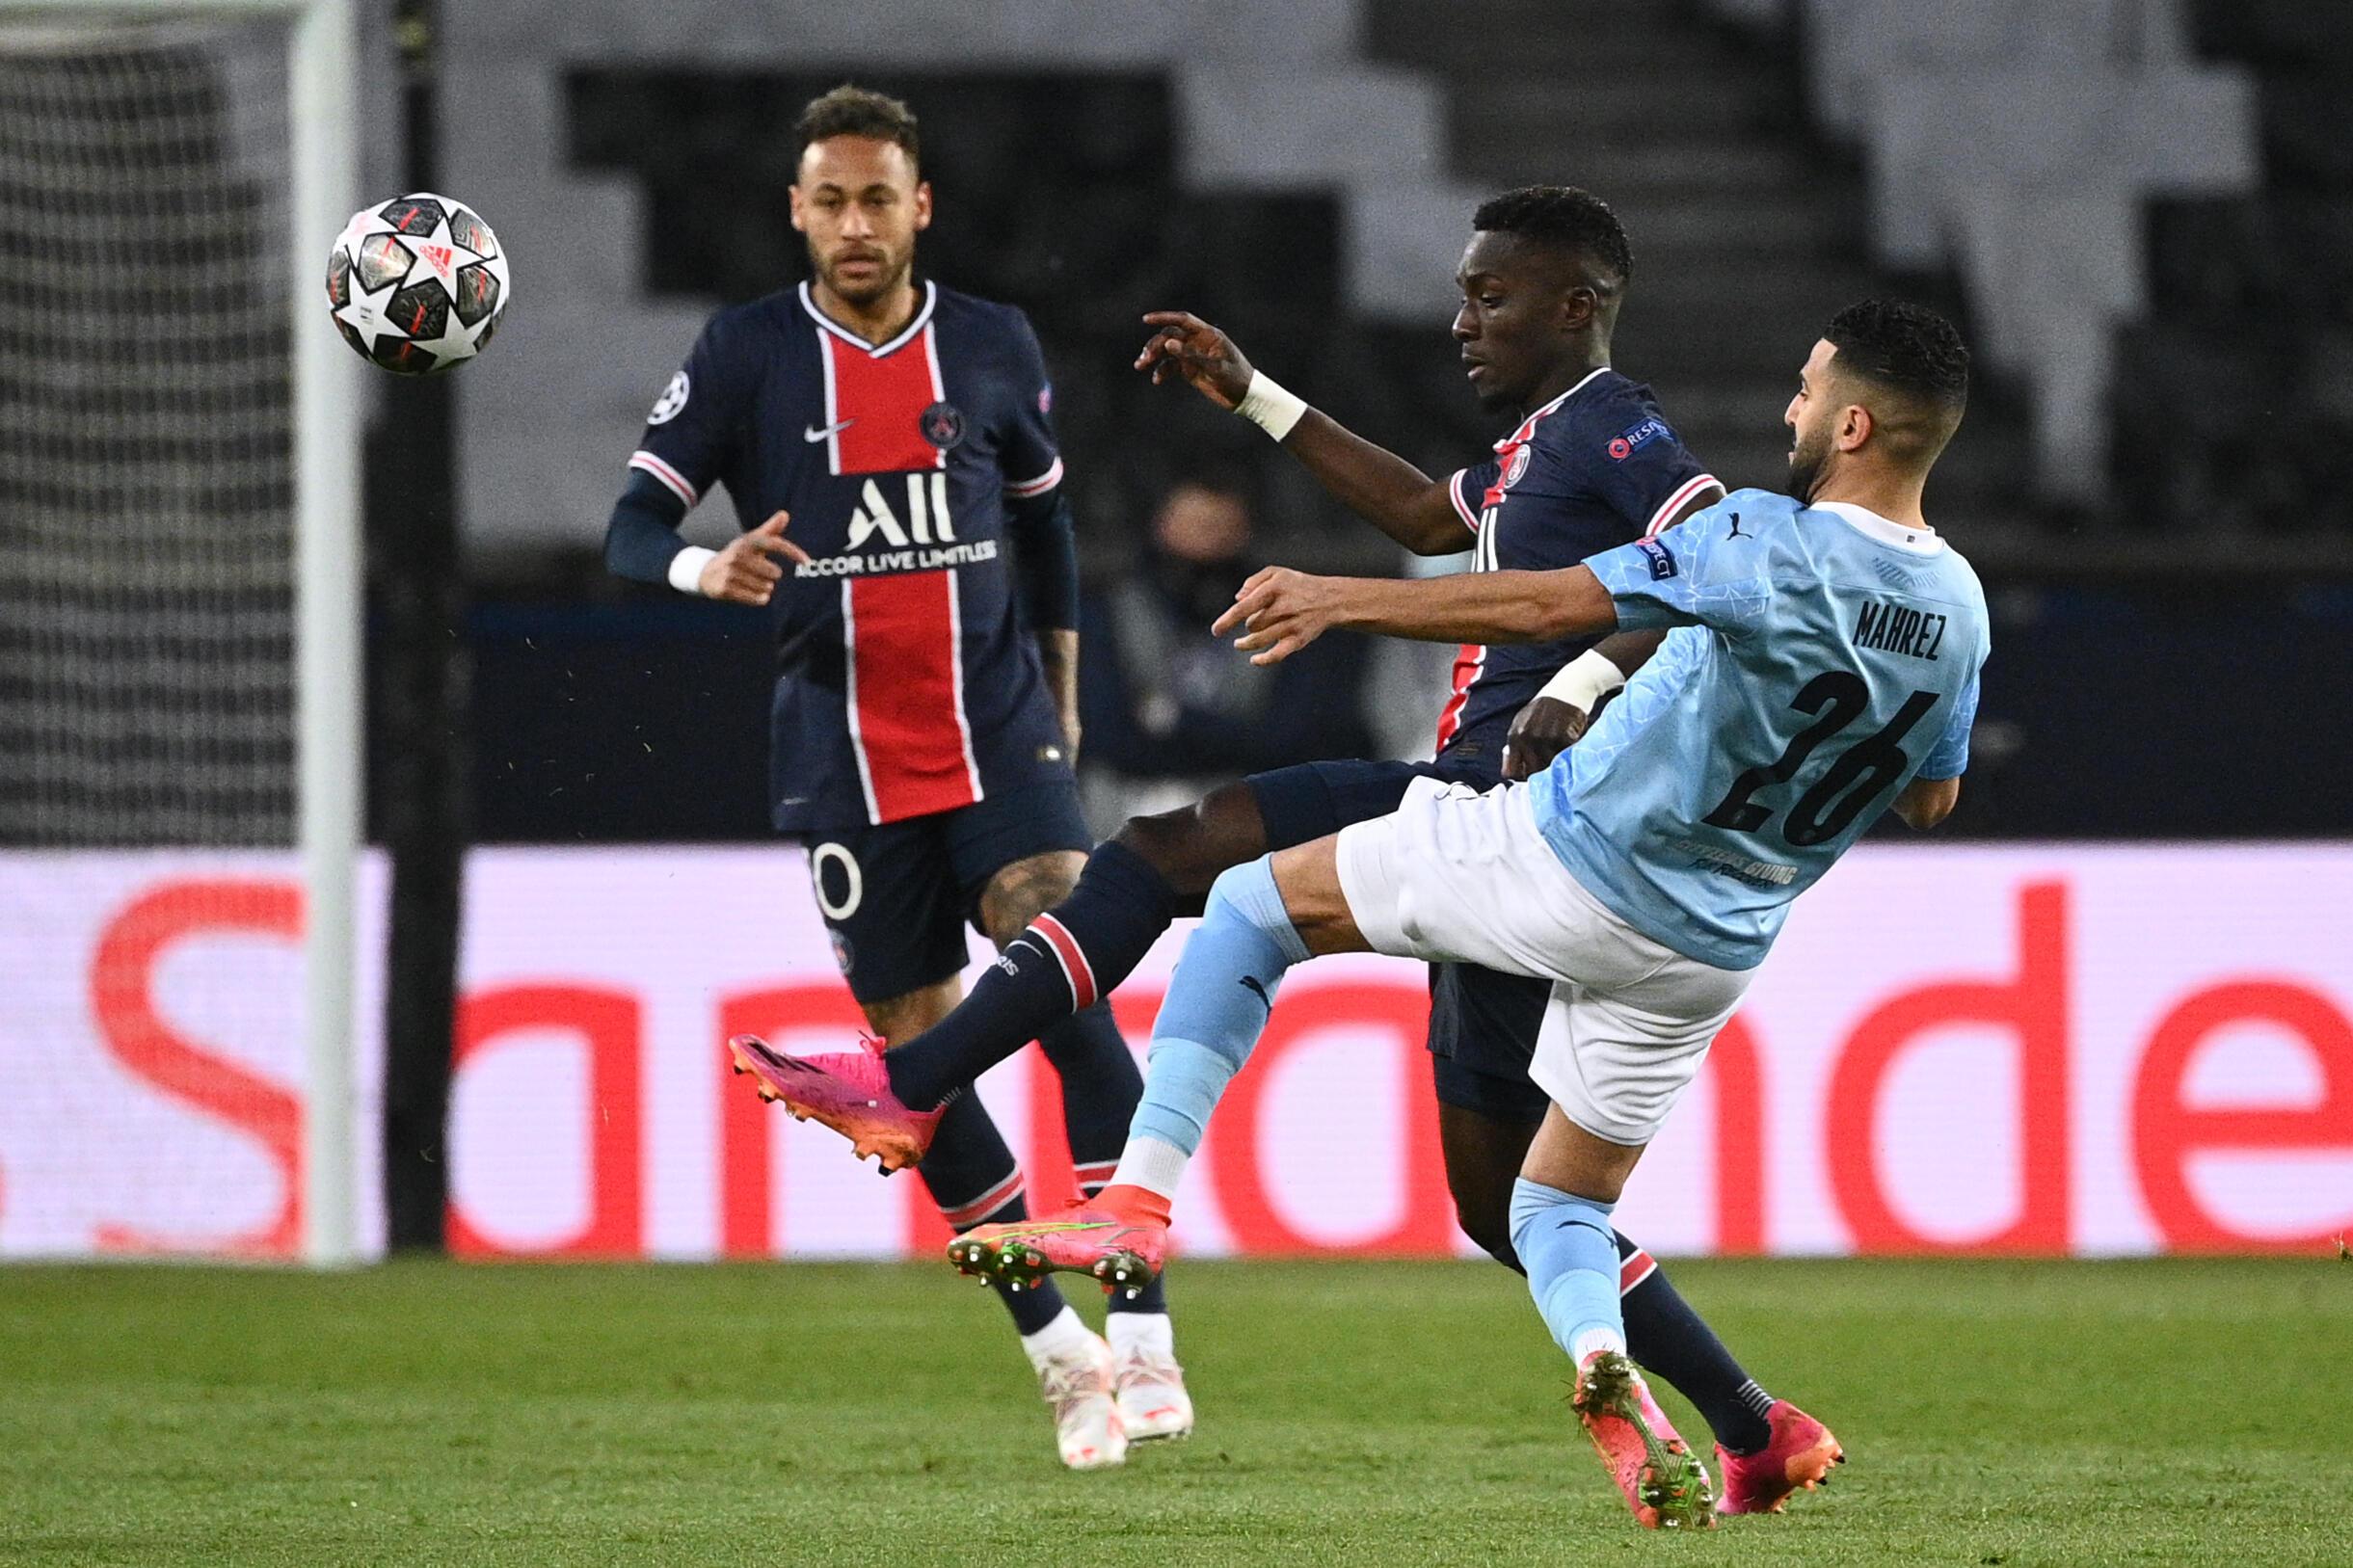 Les Parisiens Neymar et Idrissa Gueye tentent de stopper l'ailier de Manchester City Riyad Mahrez lors de la dernière confrontation entre les deux équipes au Parc des Princes, le 28 avril 2021